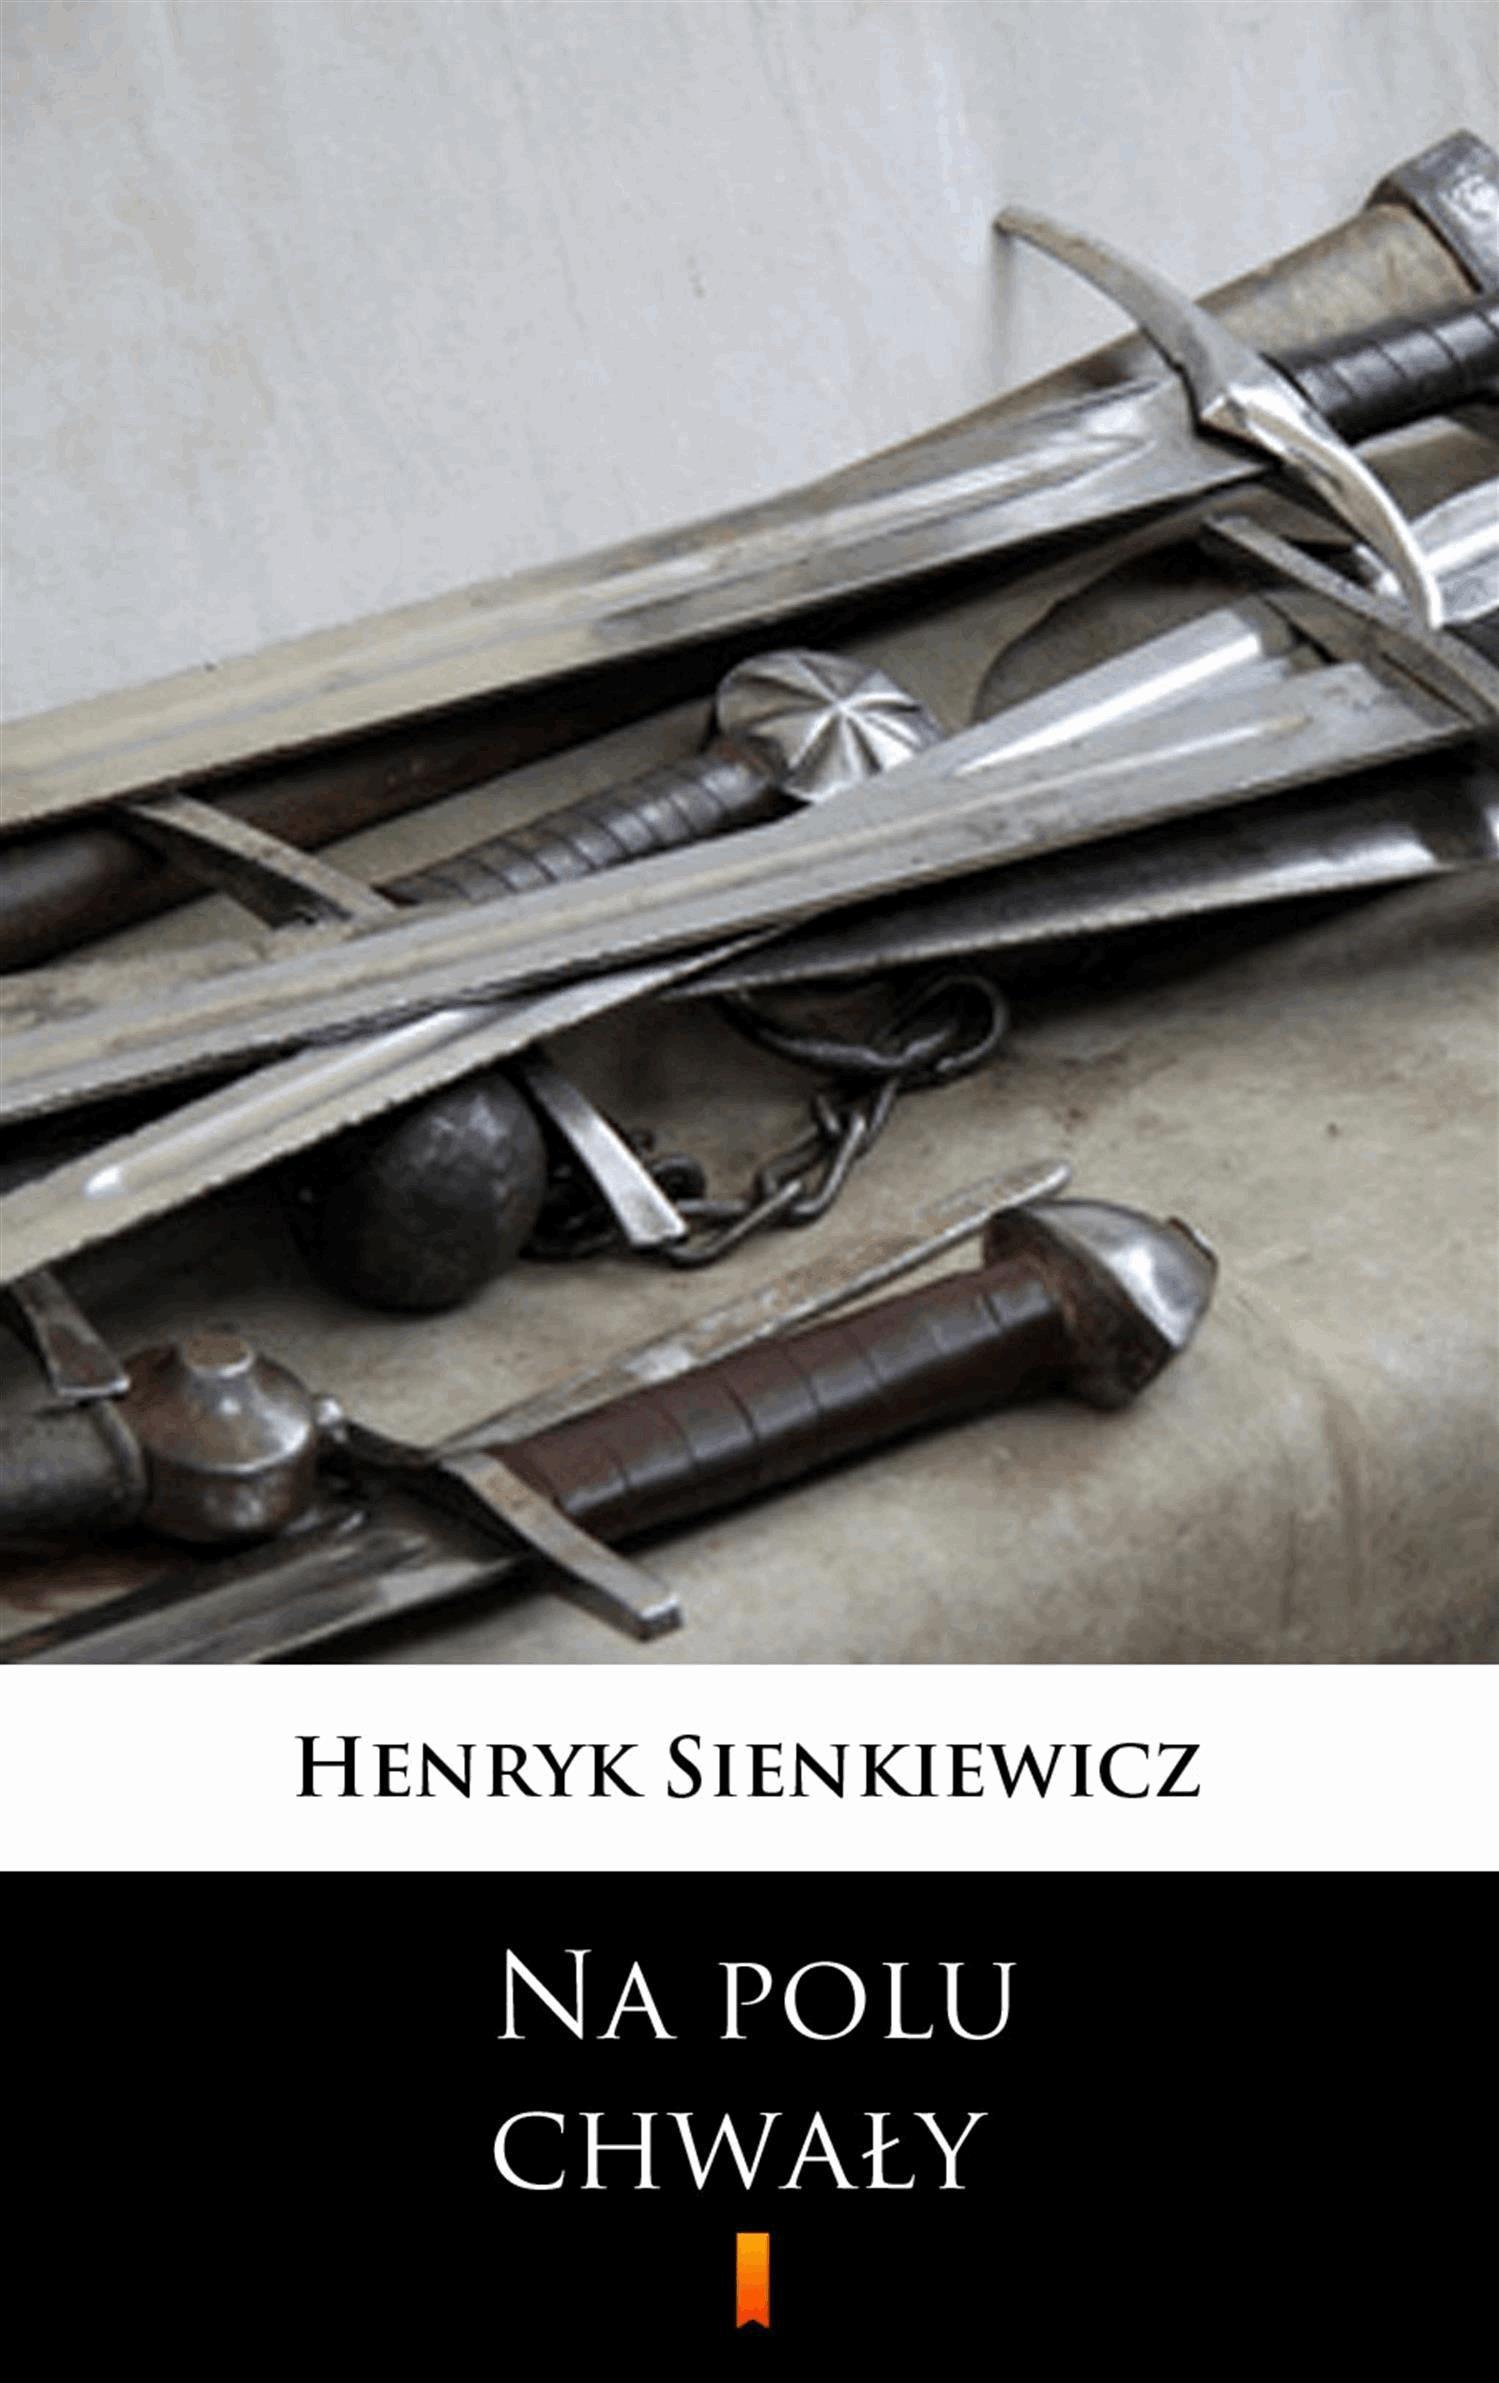 Na polu chwały - Tylko w Legimi możesz przeczytać ten tytuł przez 7 dni za darmo. - Henryk Sienkiewicz